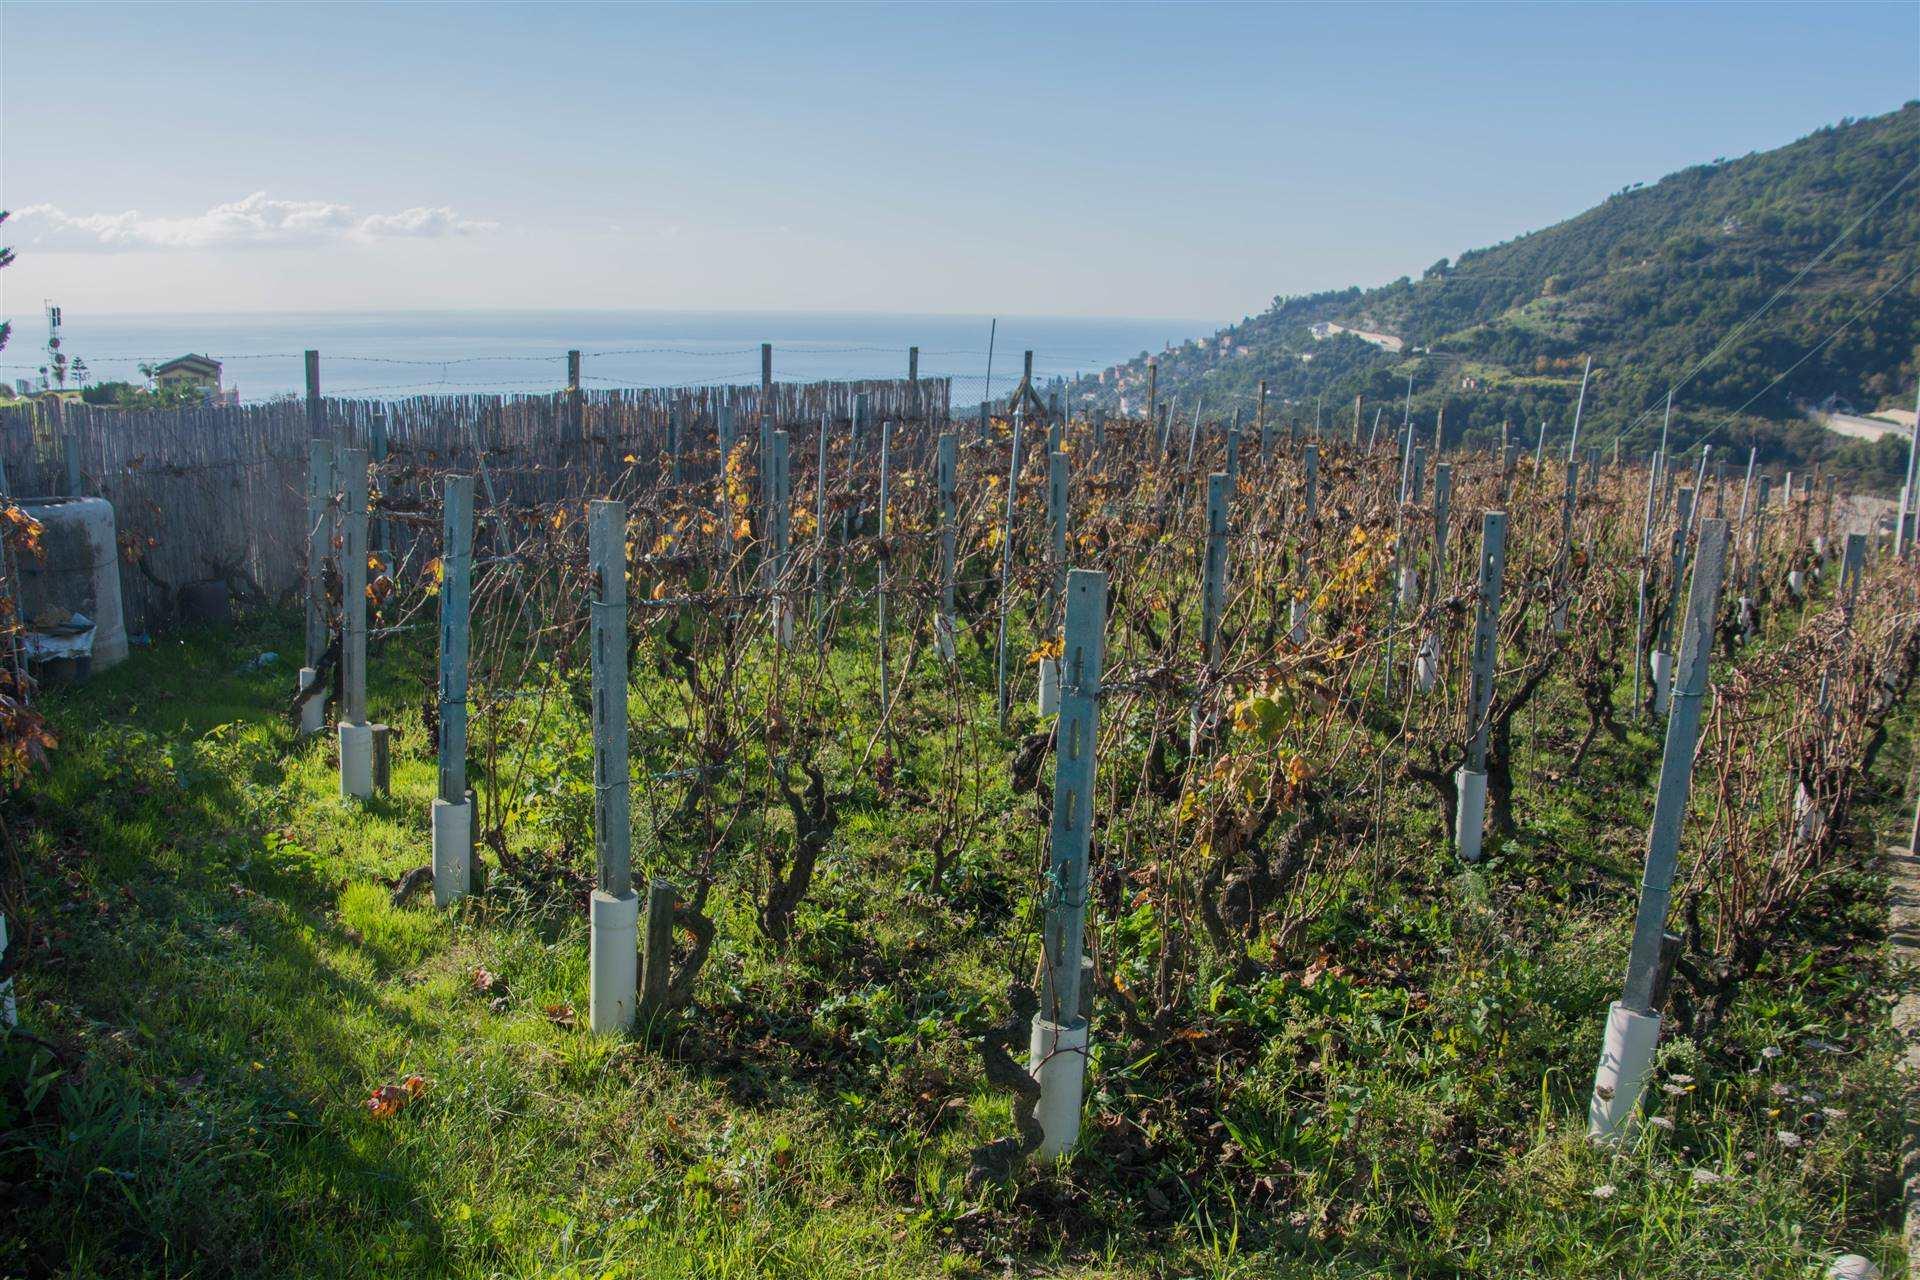 Terreno Agricolo in vendita a Ventimiglia, 9999 locali, prezzo € 18.000 | CambioCasa.it